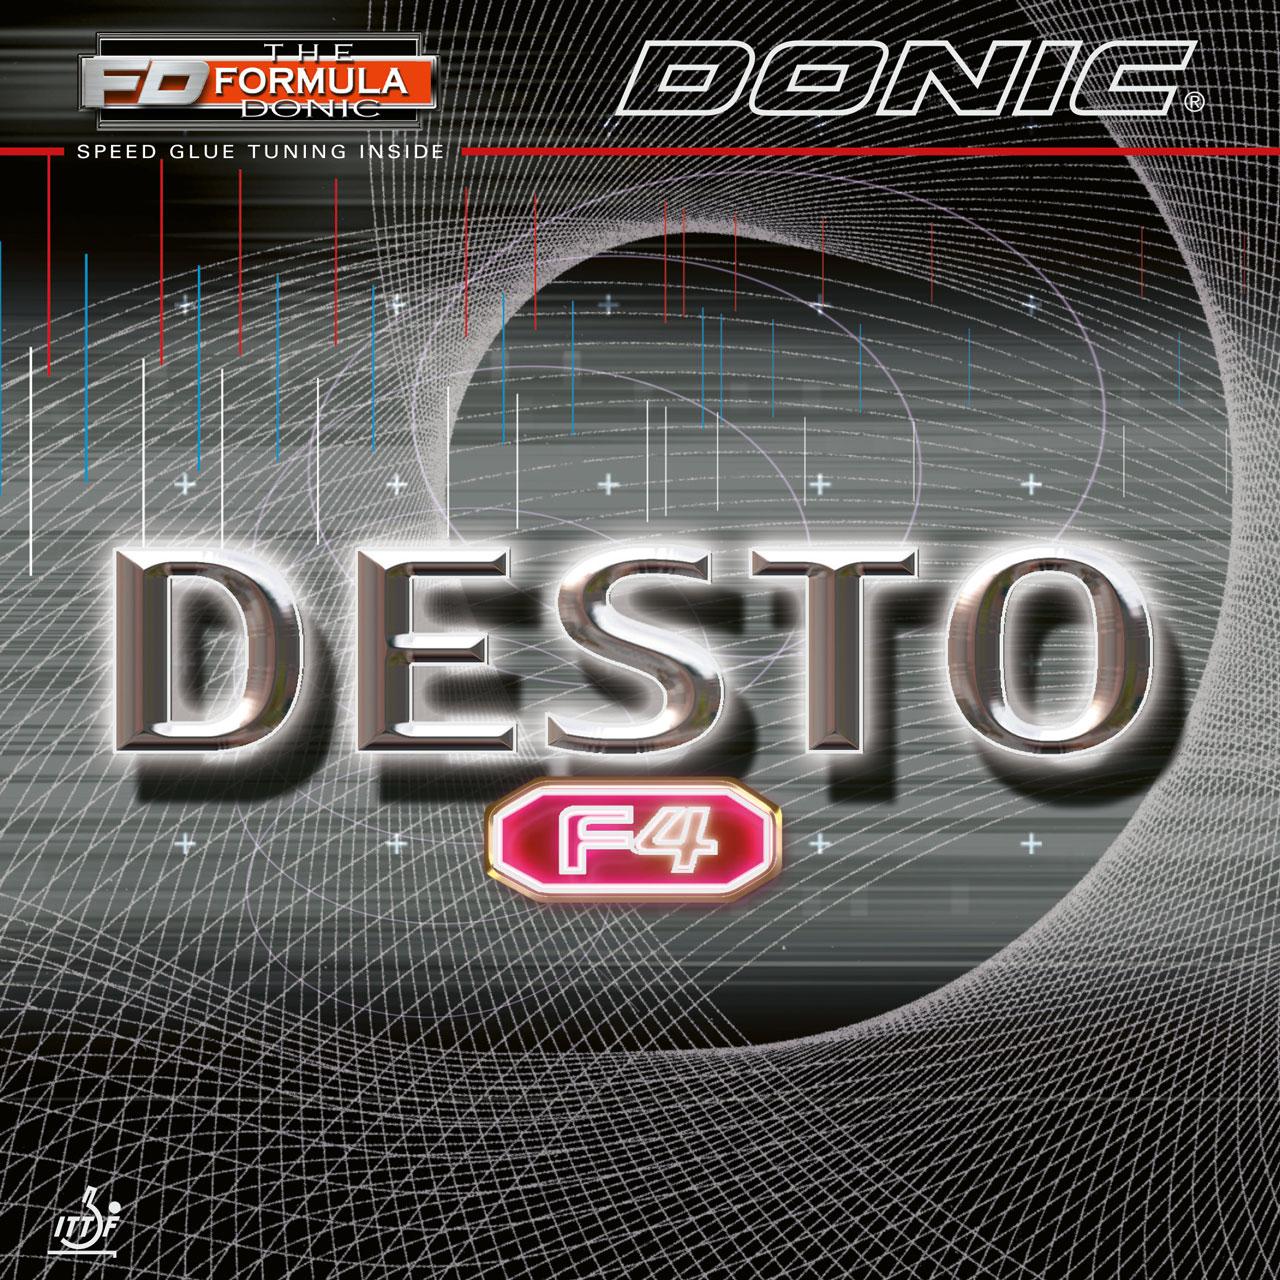 Donic Desto F4  Tischtennis-Belag Tischtennisbelag